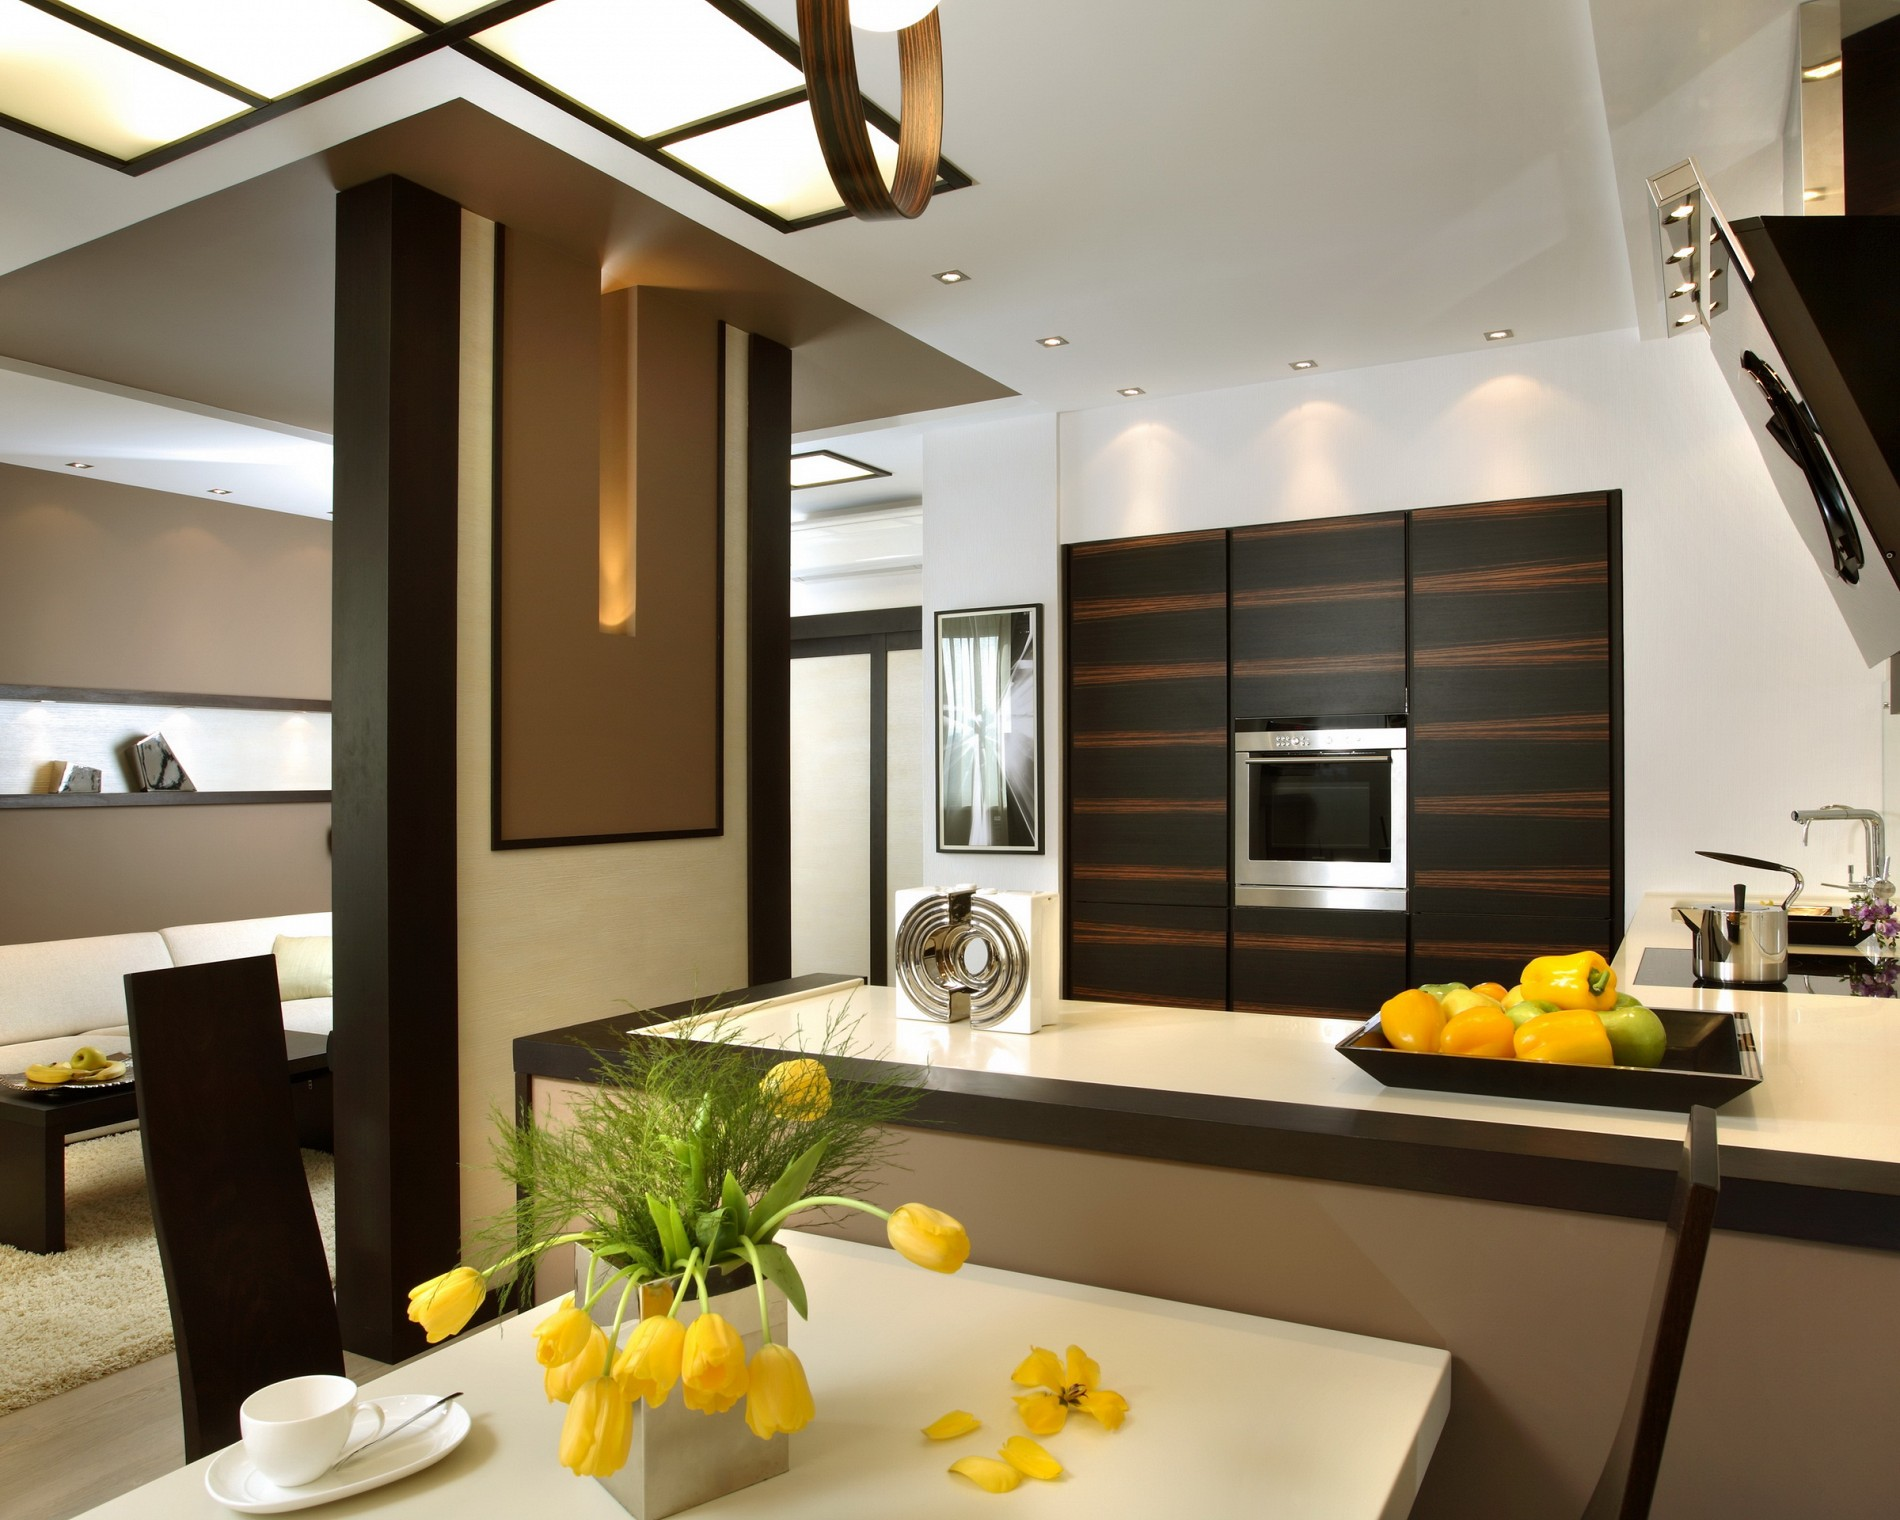 Небольшая кухня в квартире-студии в стиле фьюжн